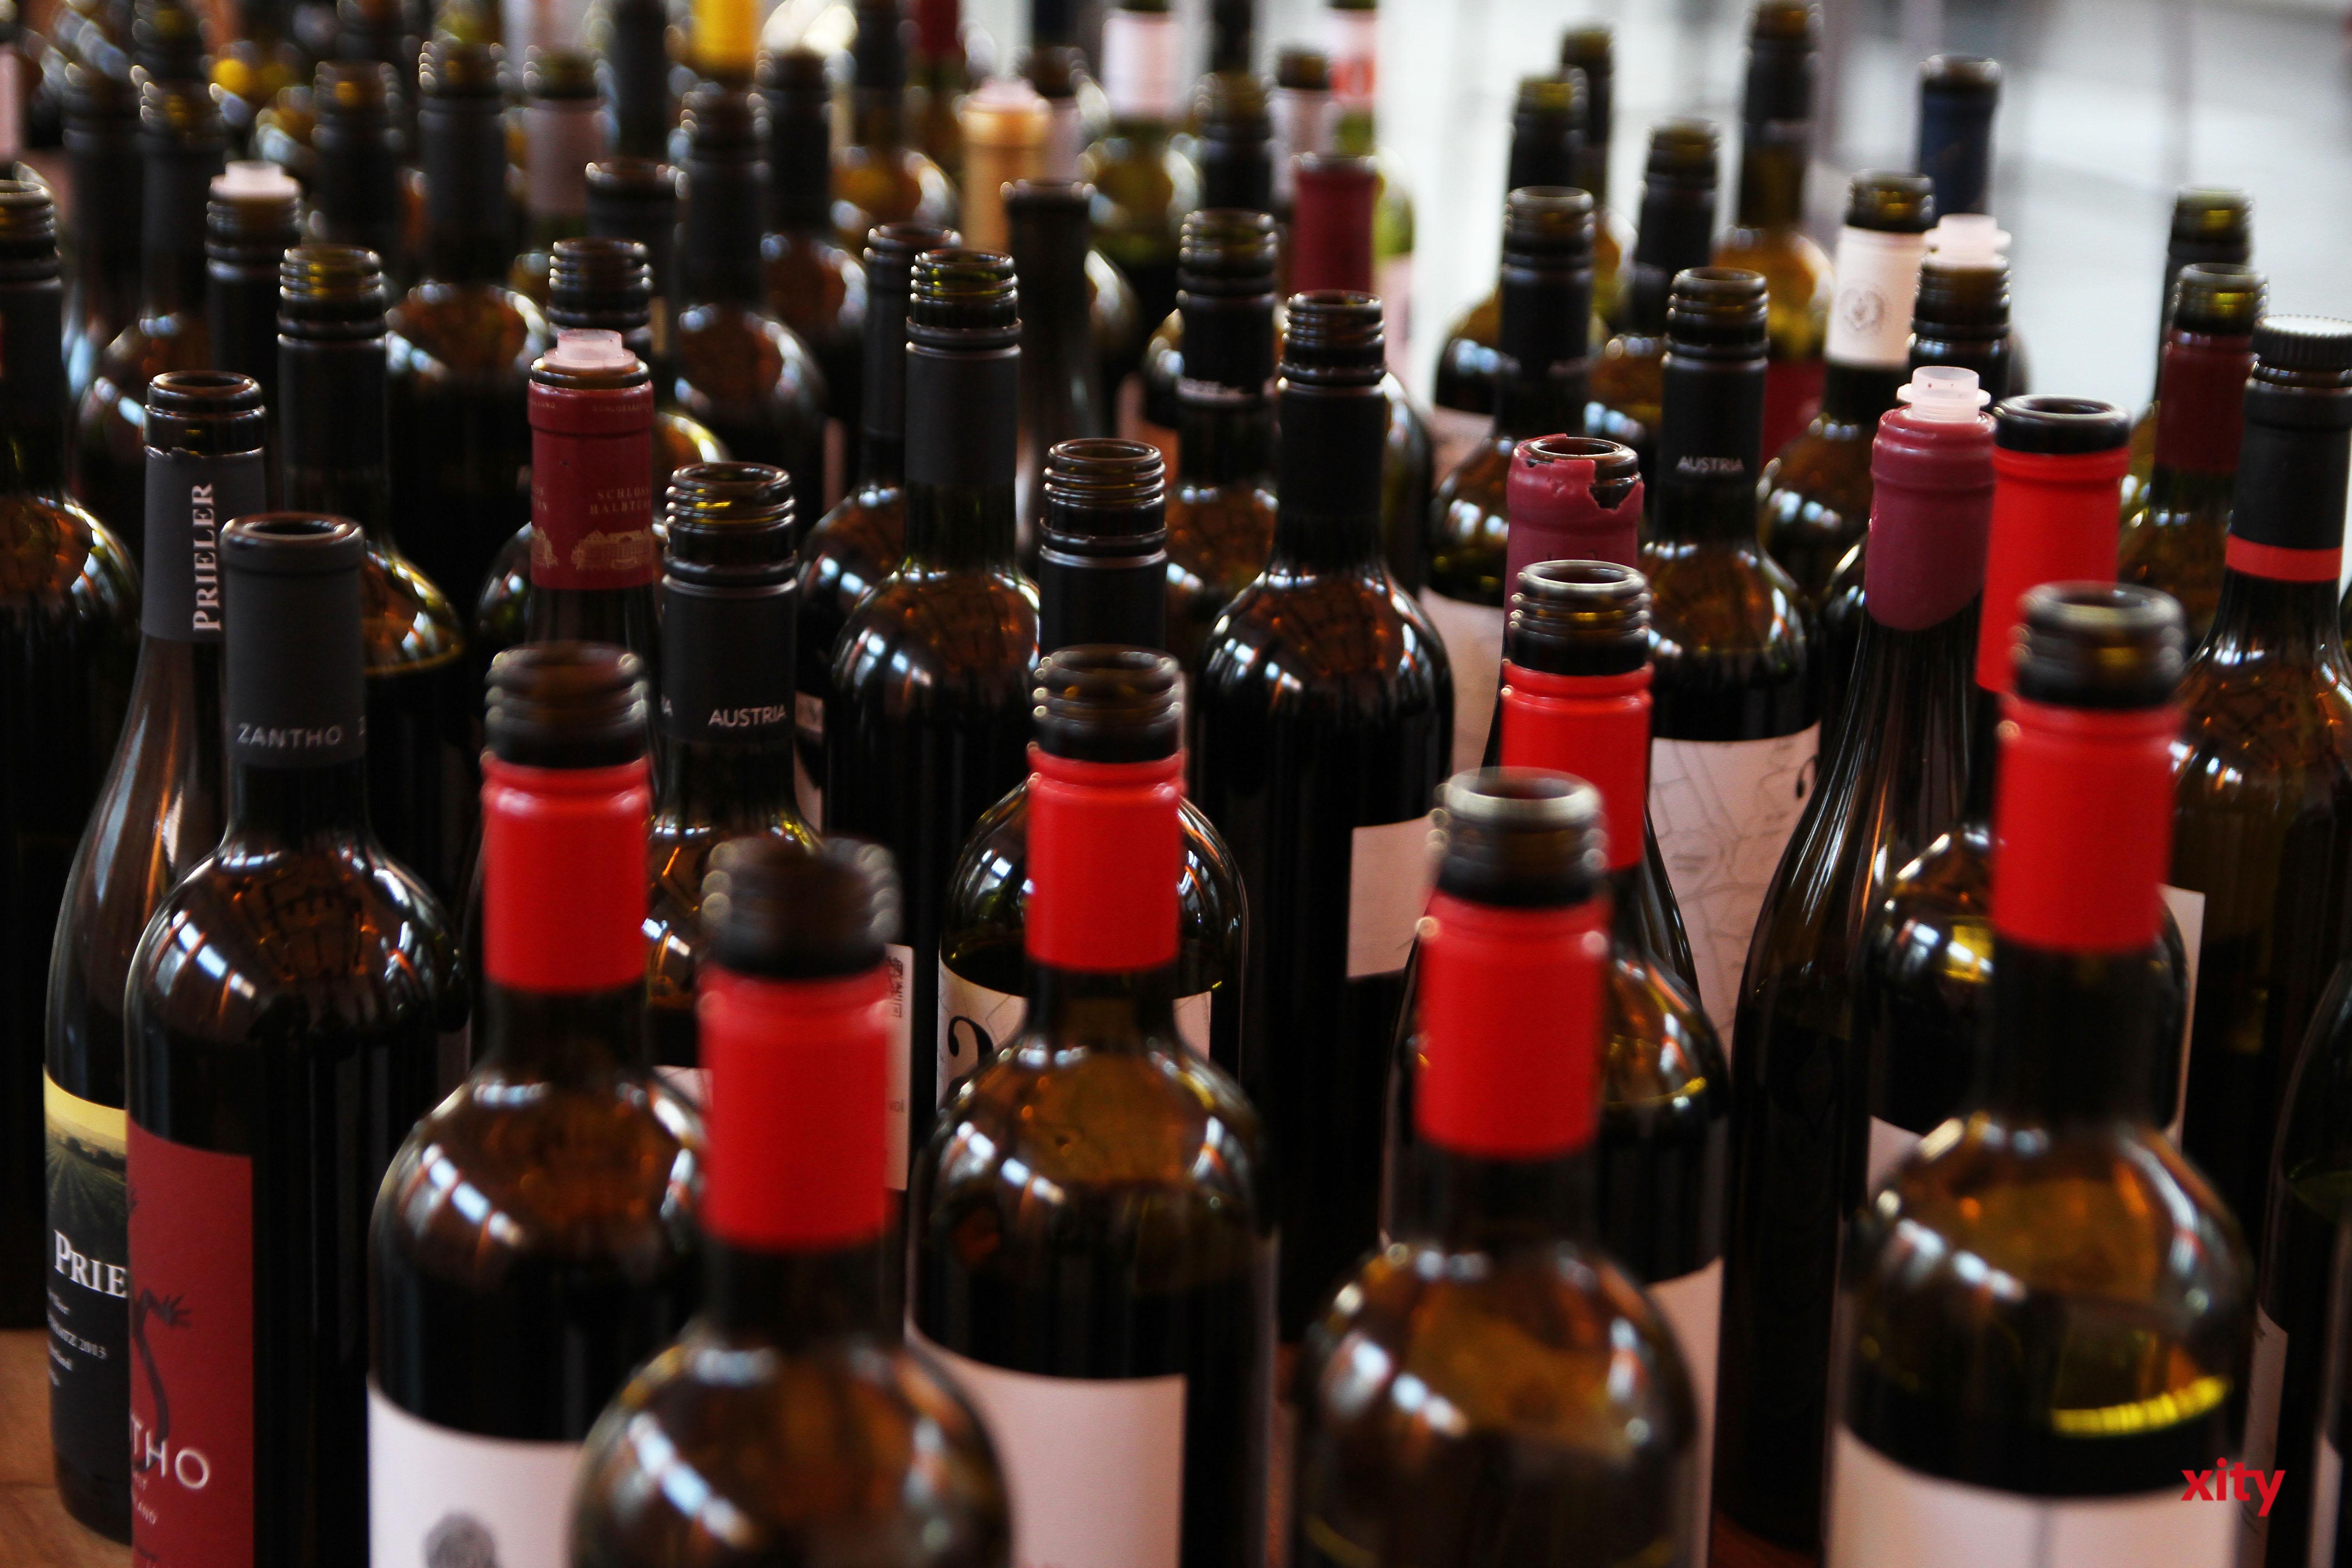 Zahllose Weine standen für die Verkostung bereit (Foto: xity)